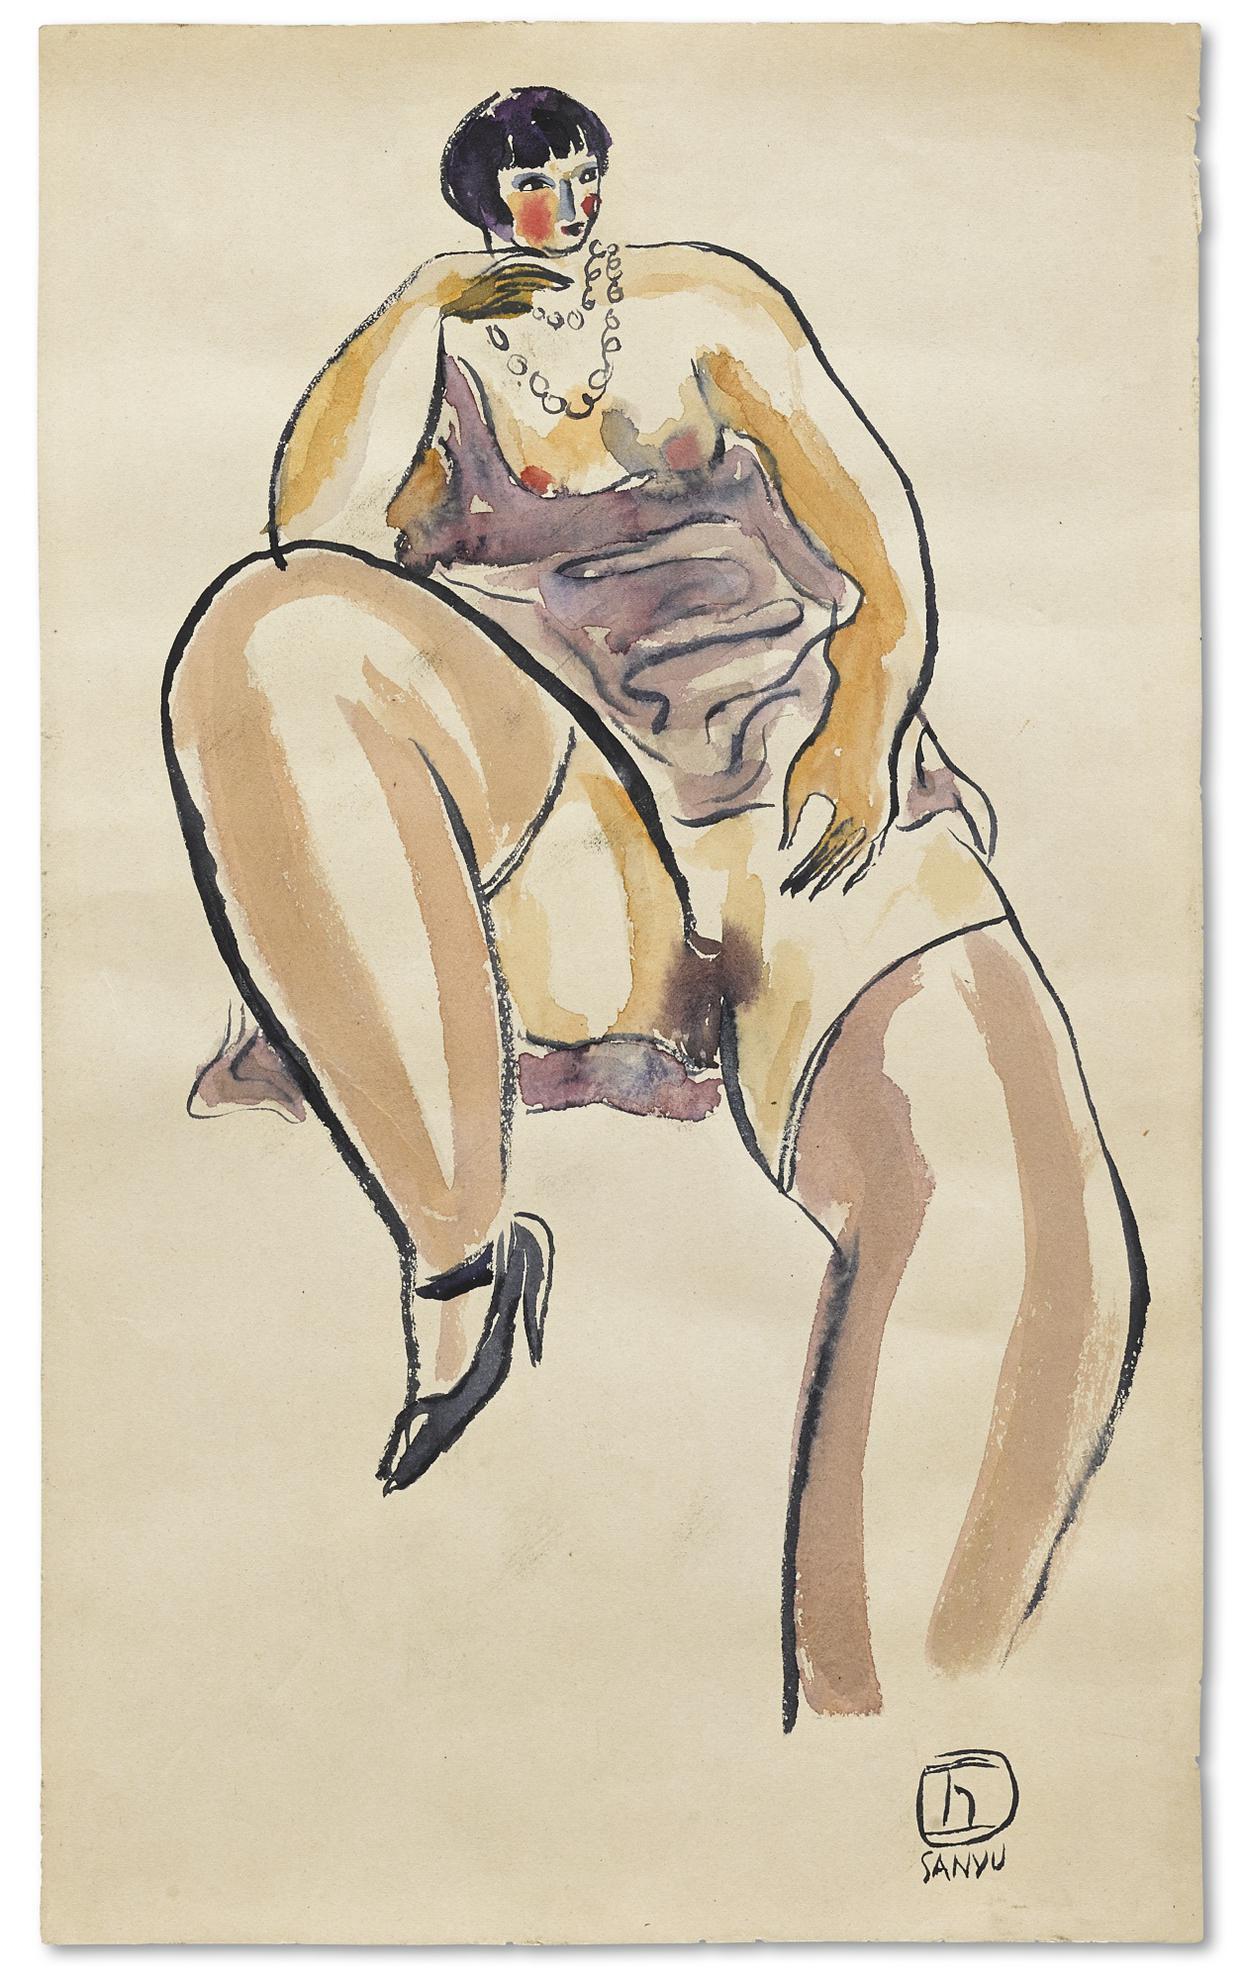 Sanyu-Femme A La Robe Violette Avec Un Collier De Perles-1930